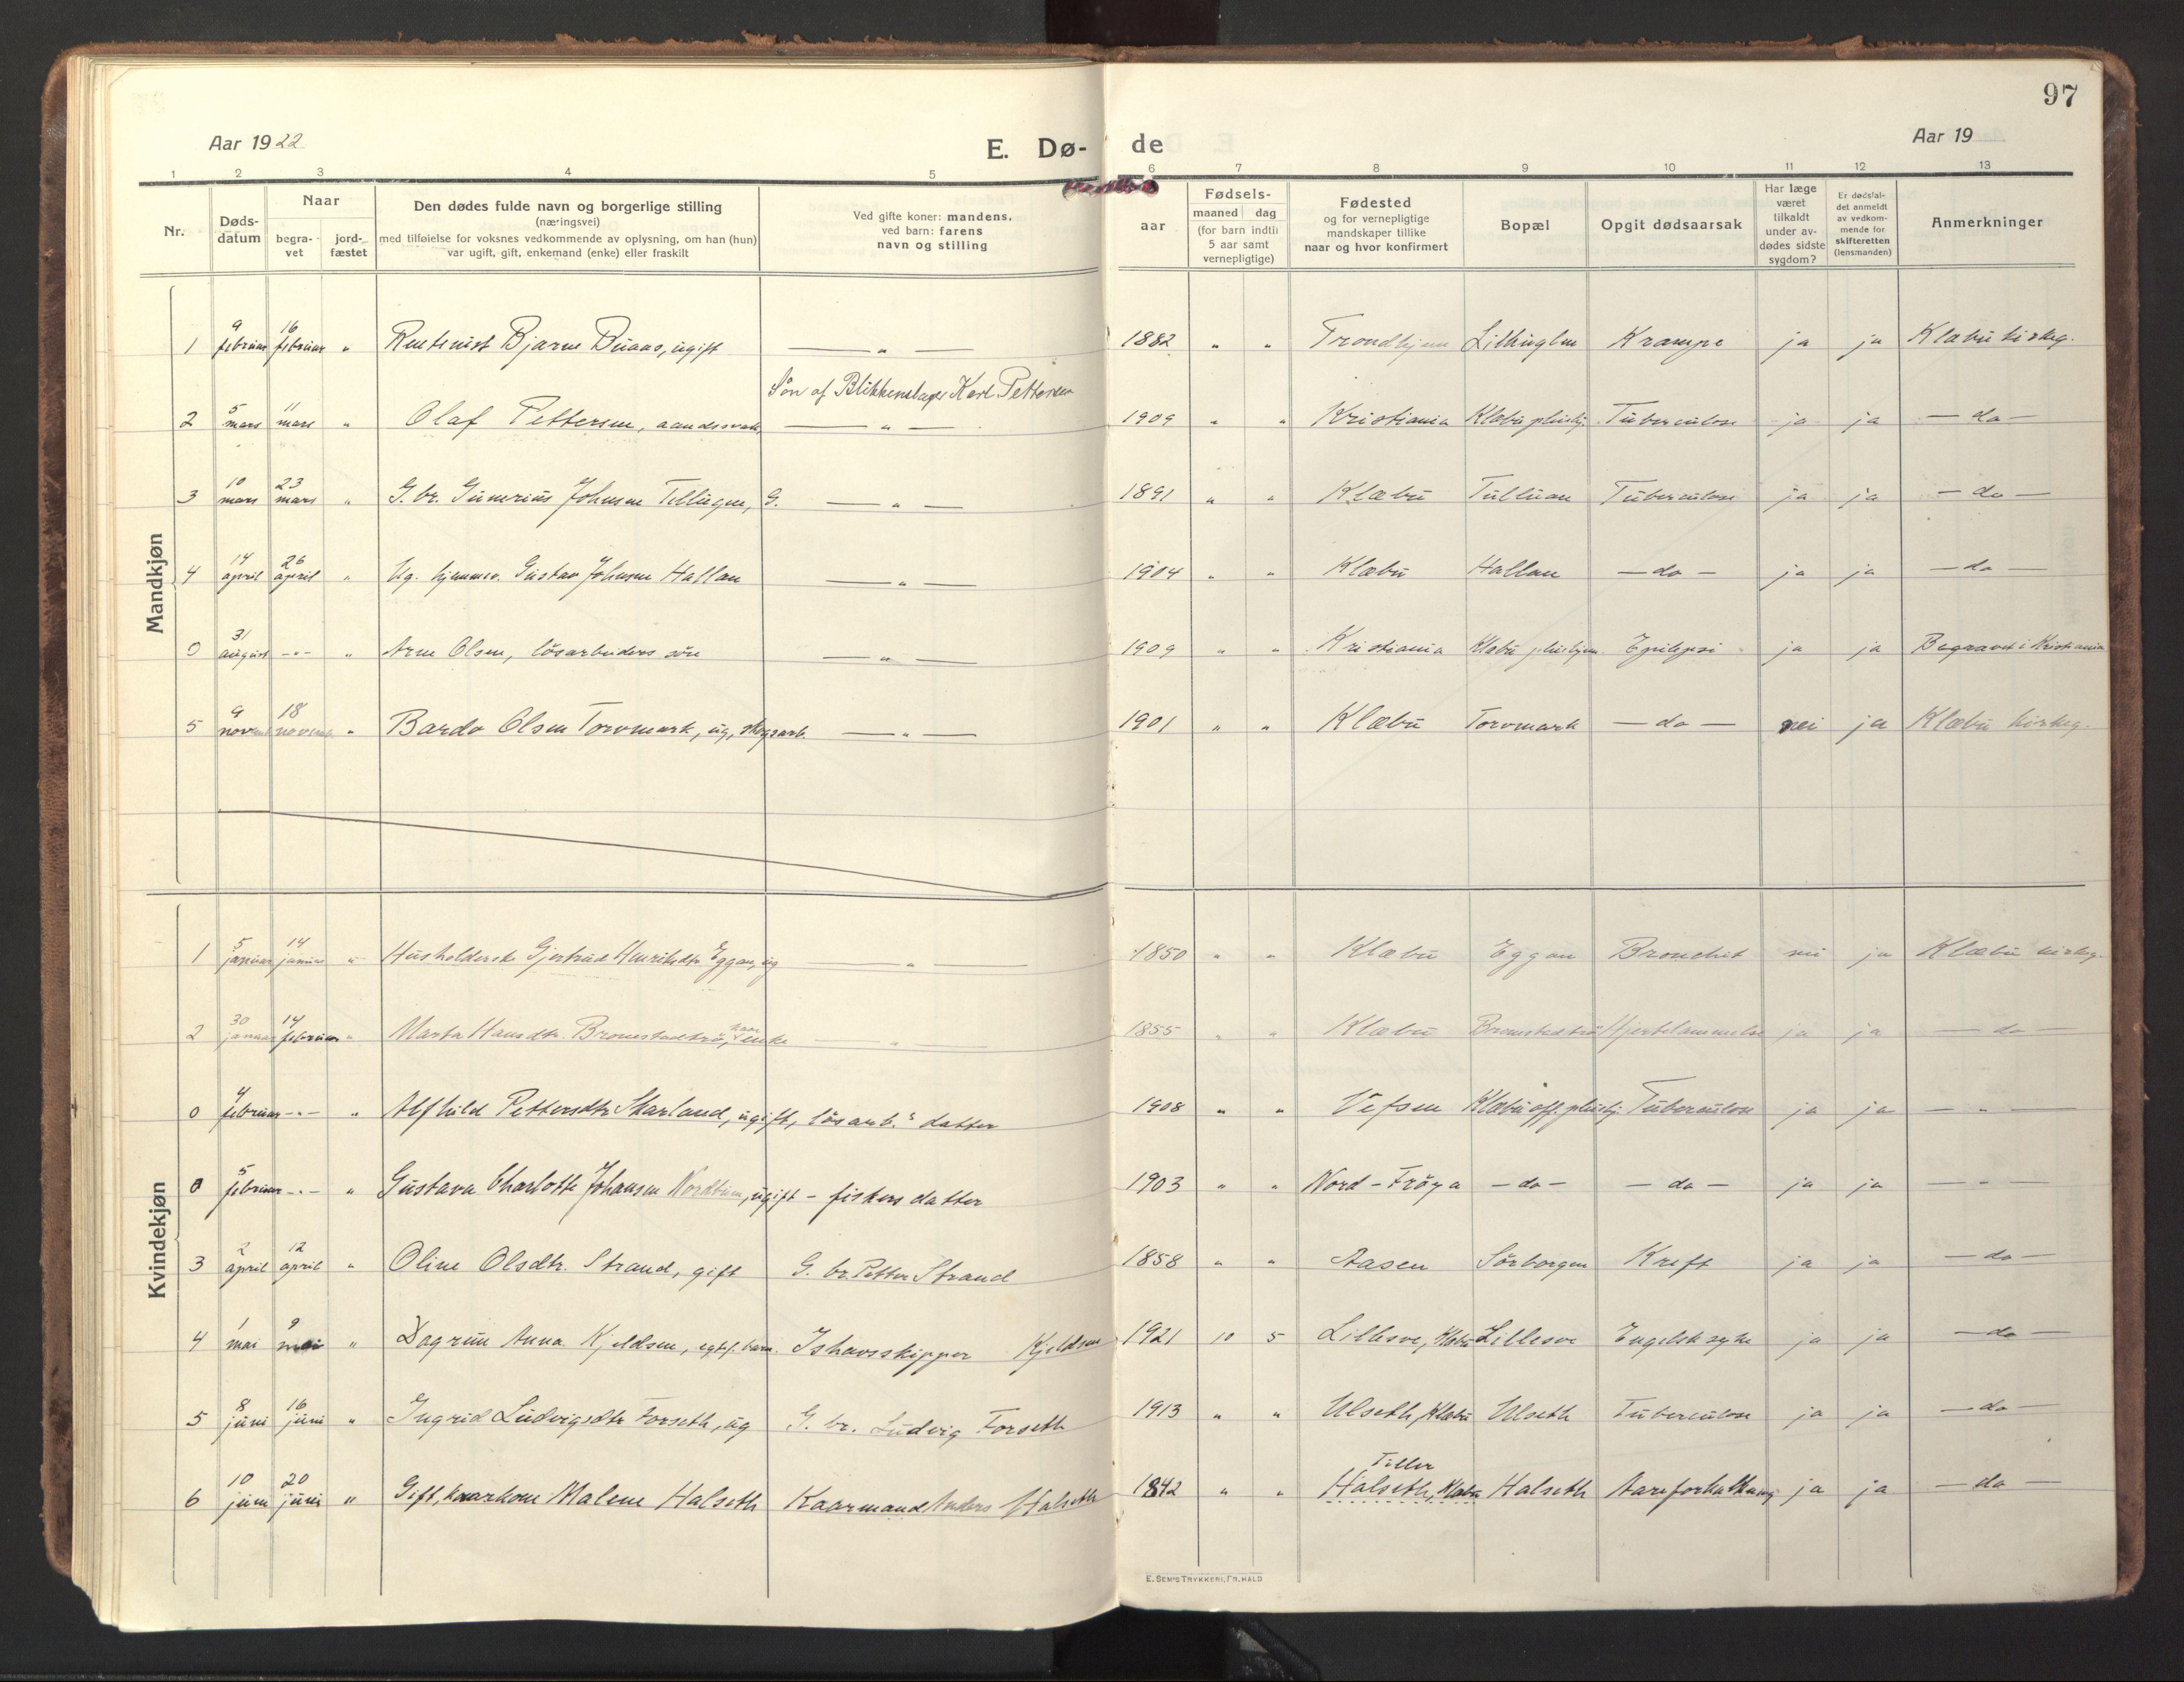 SAT, Ministerialprotokoller, klokkerbøker og fødselsregistre - Sør-Trøndelag, 618/L0449: Ministerialbok nr. 618A12, 1917-1924, s. 97